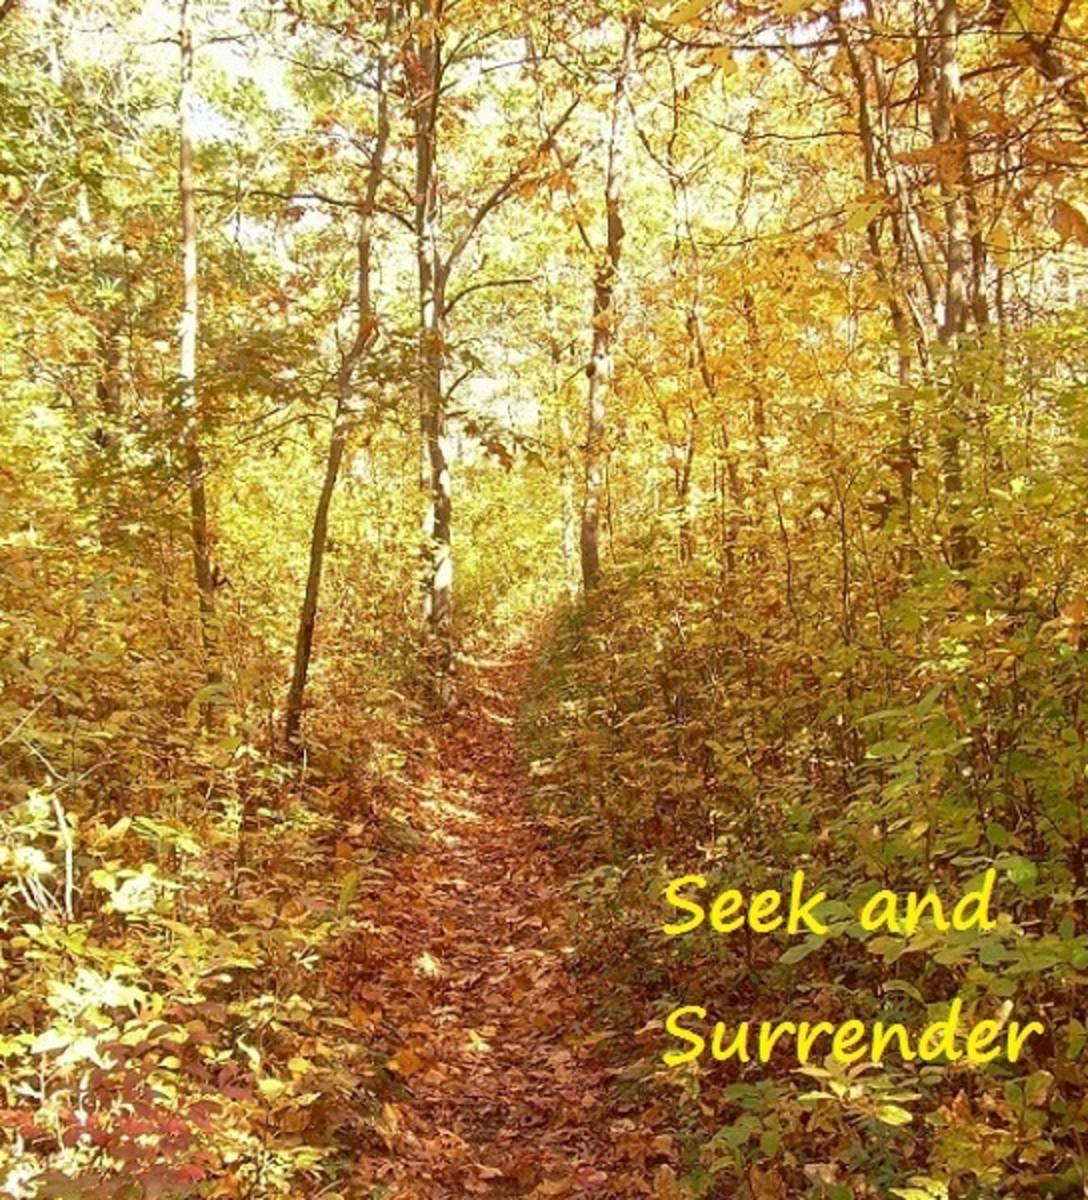 seek-and-surrender